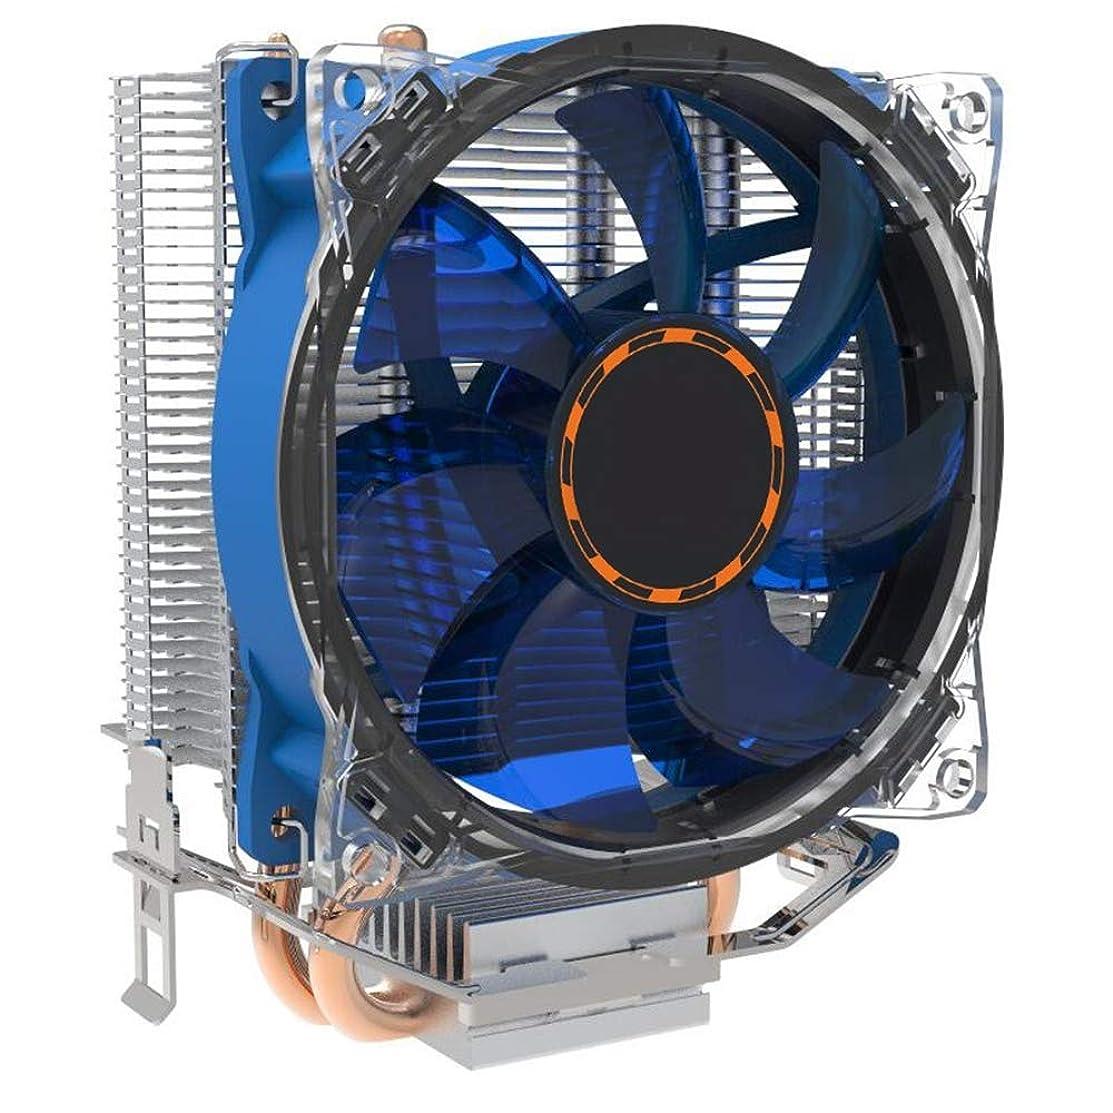 MINBB CPU Fan Cooler CPU Heatsink with Two Copper Pipes Ultra-Silence CPU Radiator CPU Cooler CPU Fan 1151/1155 Dc 12V 35Cfm 2200Rpm ± 10%